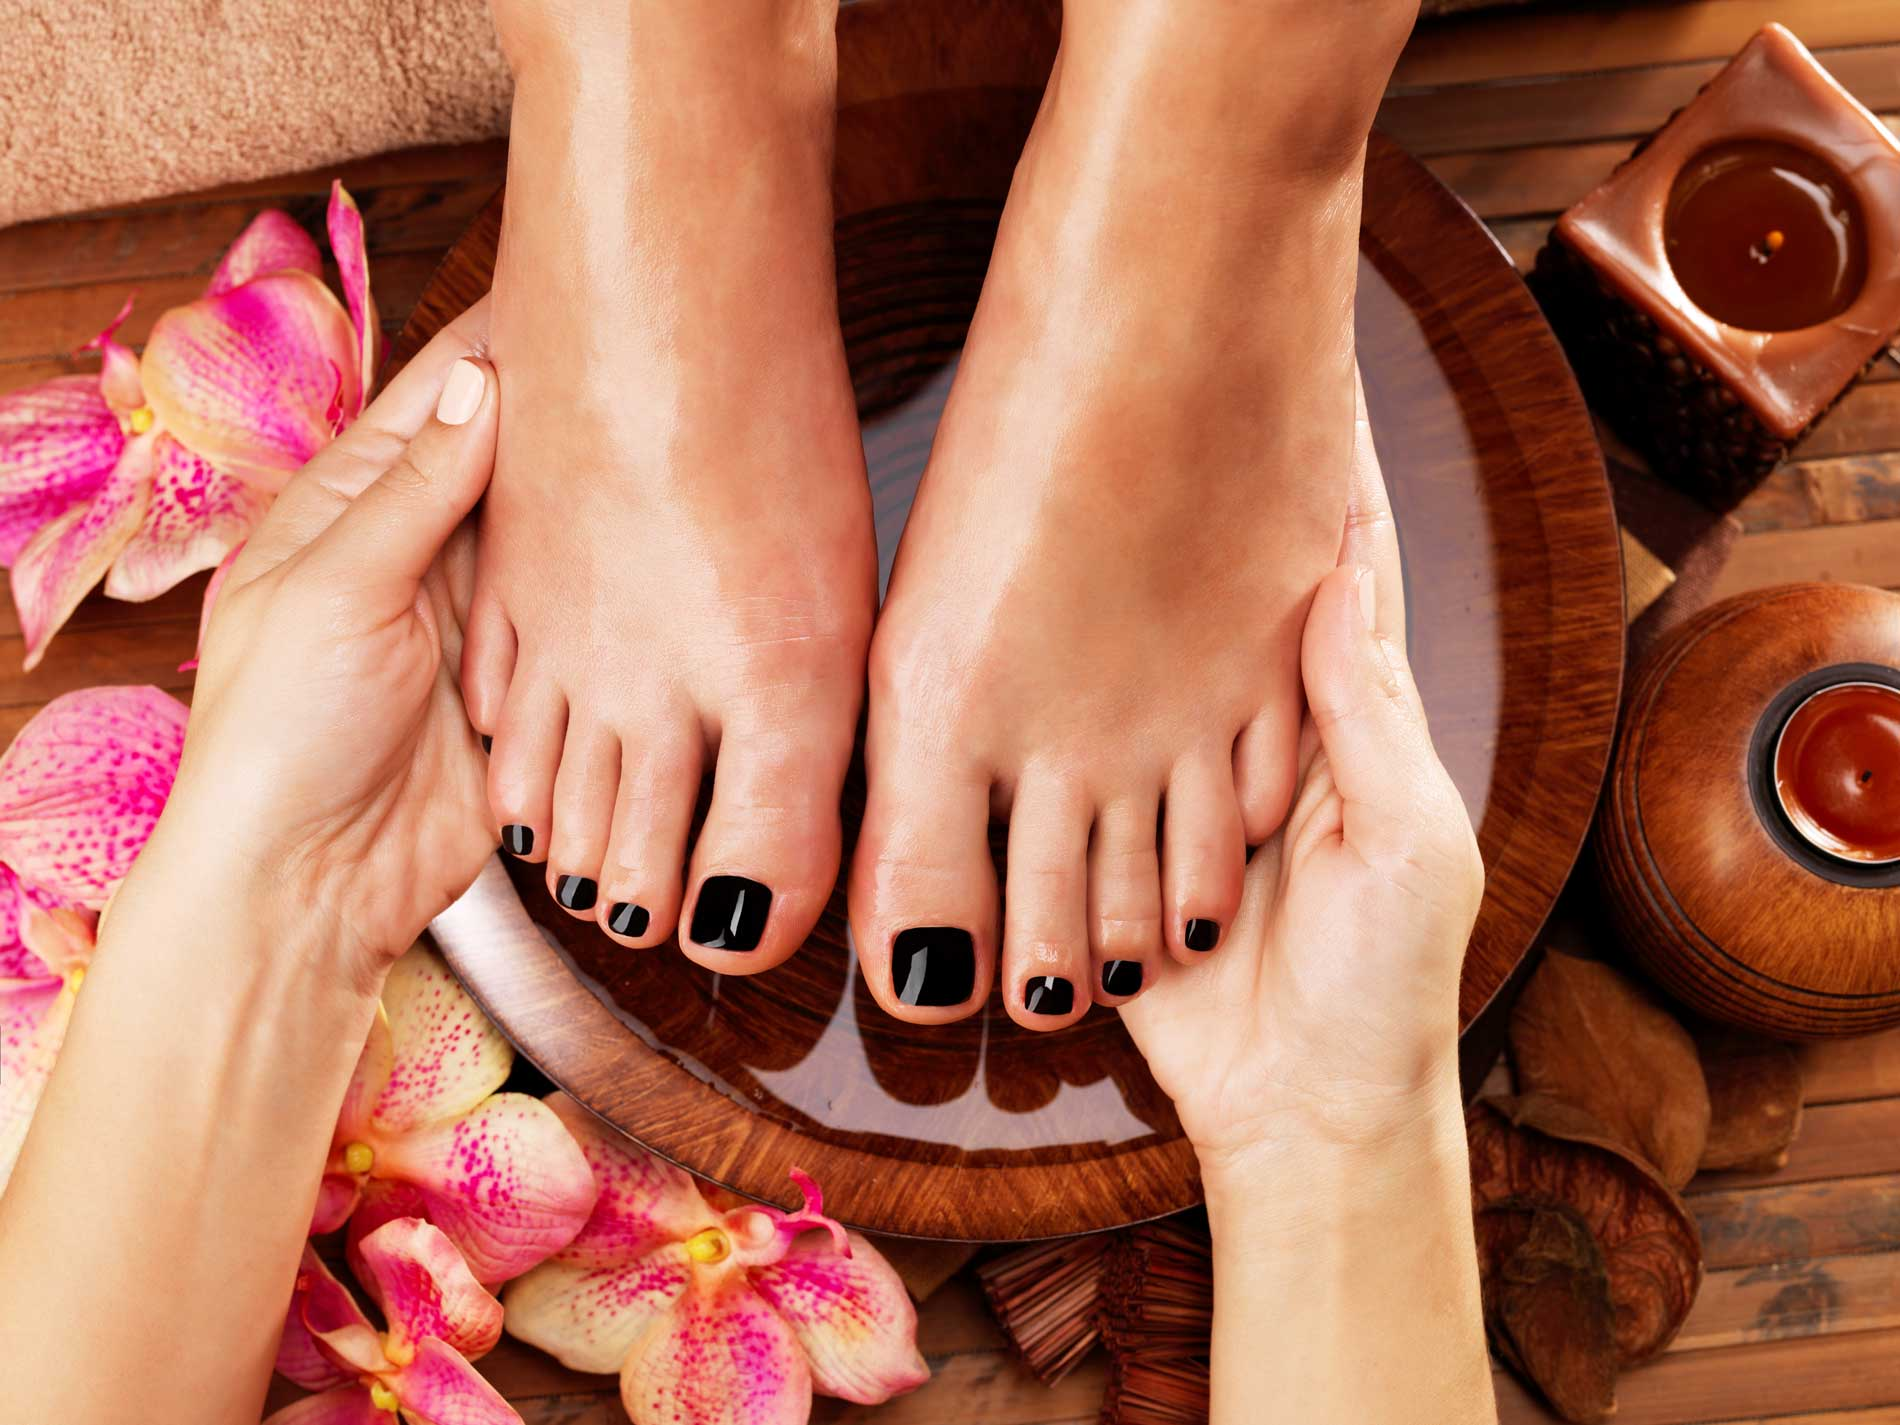 Как размягчить твёрдые ногти на ногах в домашних условиях - советы 1